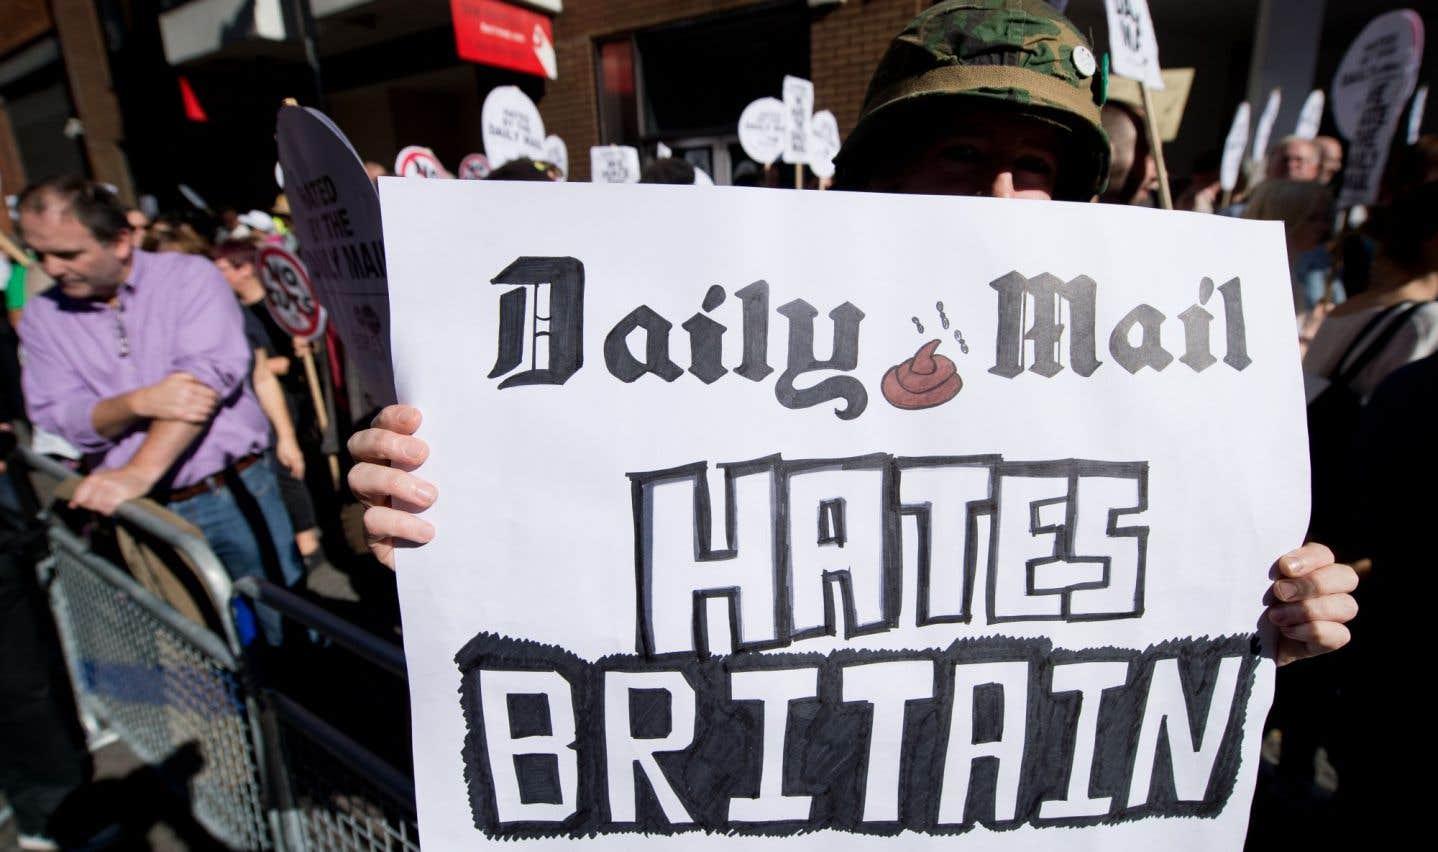 La décision concerne les éditions papier et internet du «Daily Mail», deuxième quotidien le plus vendu au Royaume-Uni et un des sites d'information parmi les plus visités au monde.